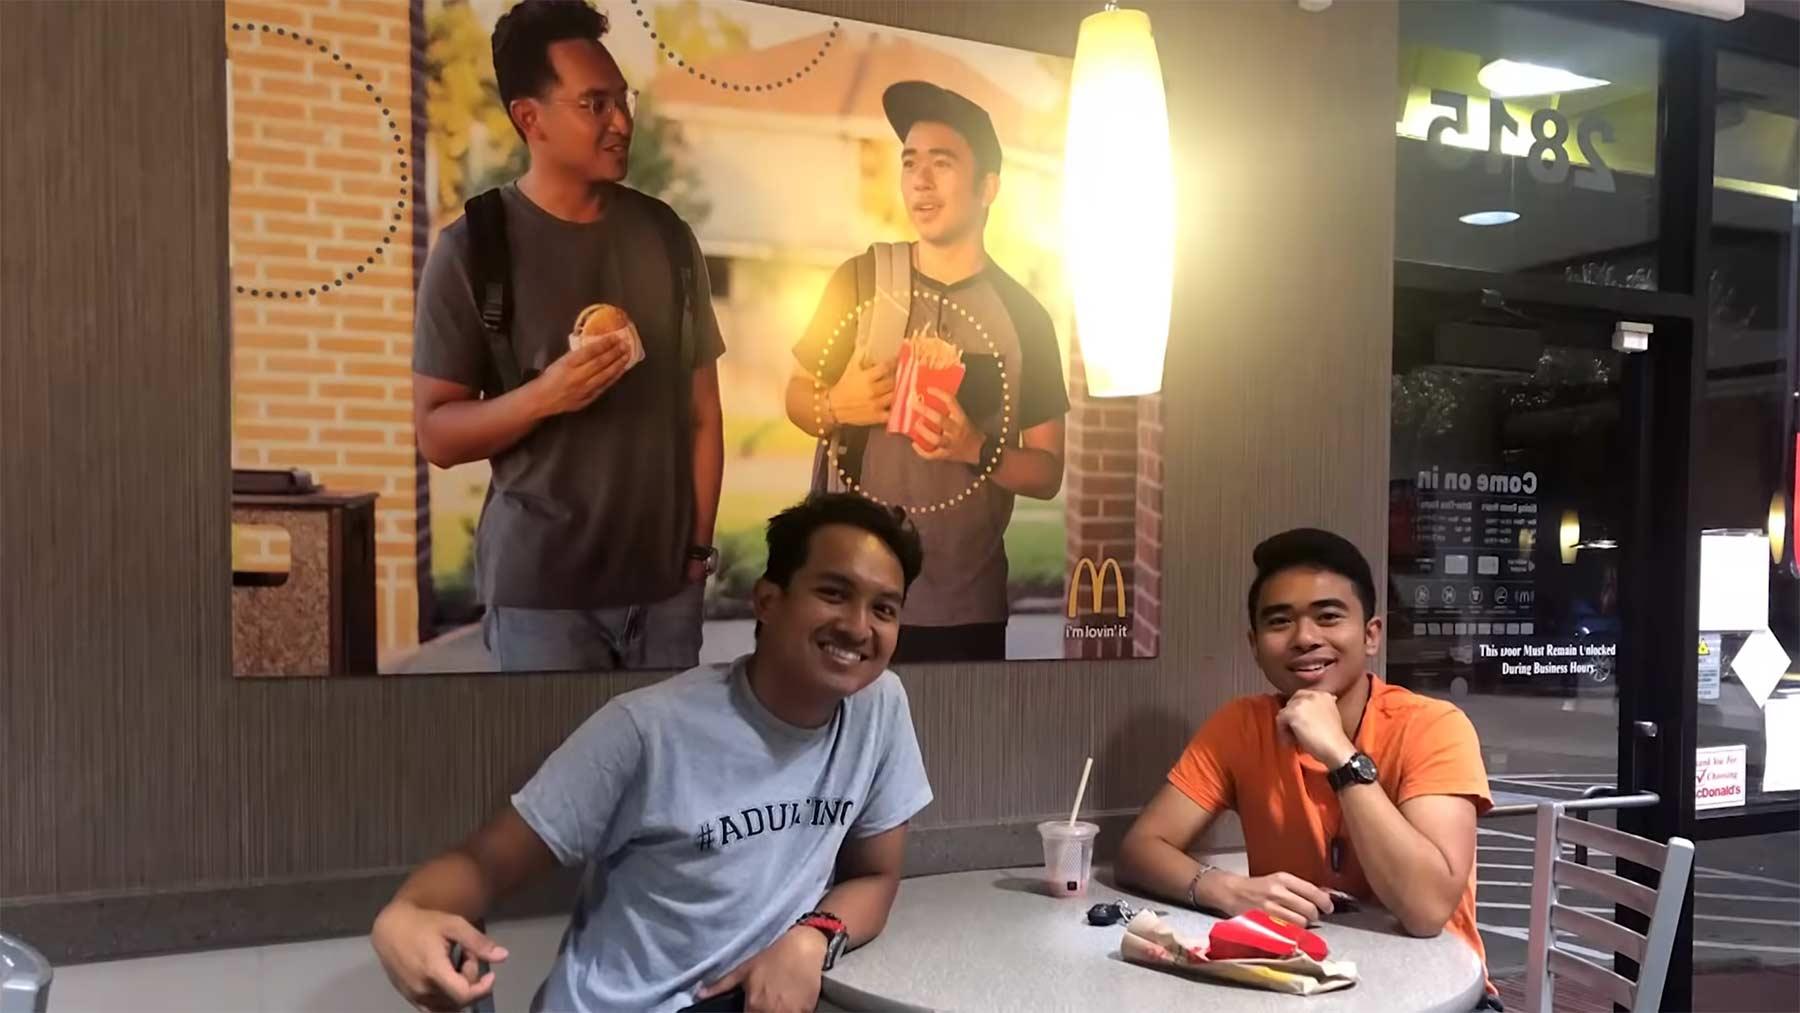 Fake-Poster bei McDonalds aufgehängt und keiner merkt es